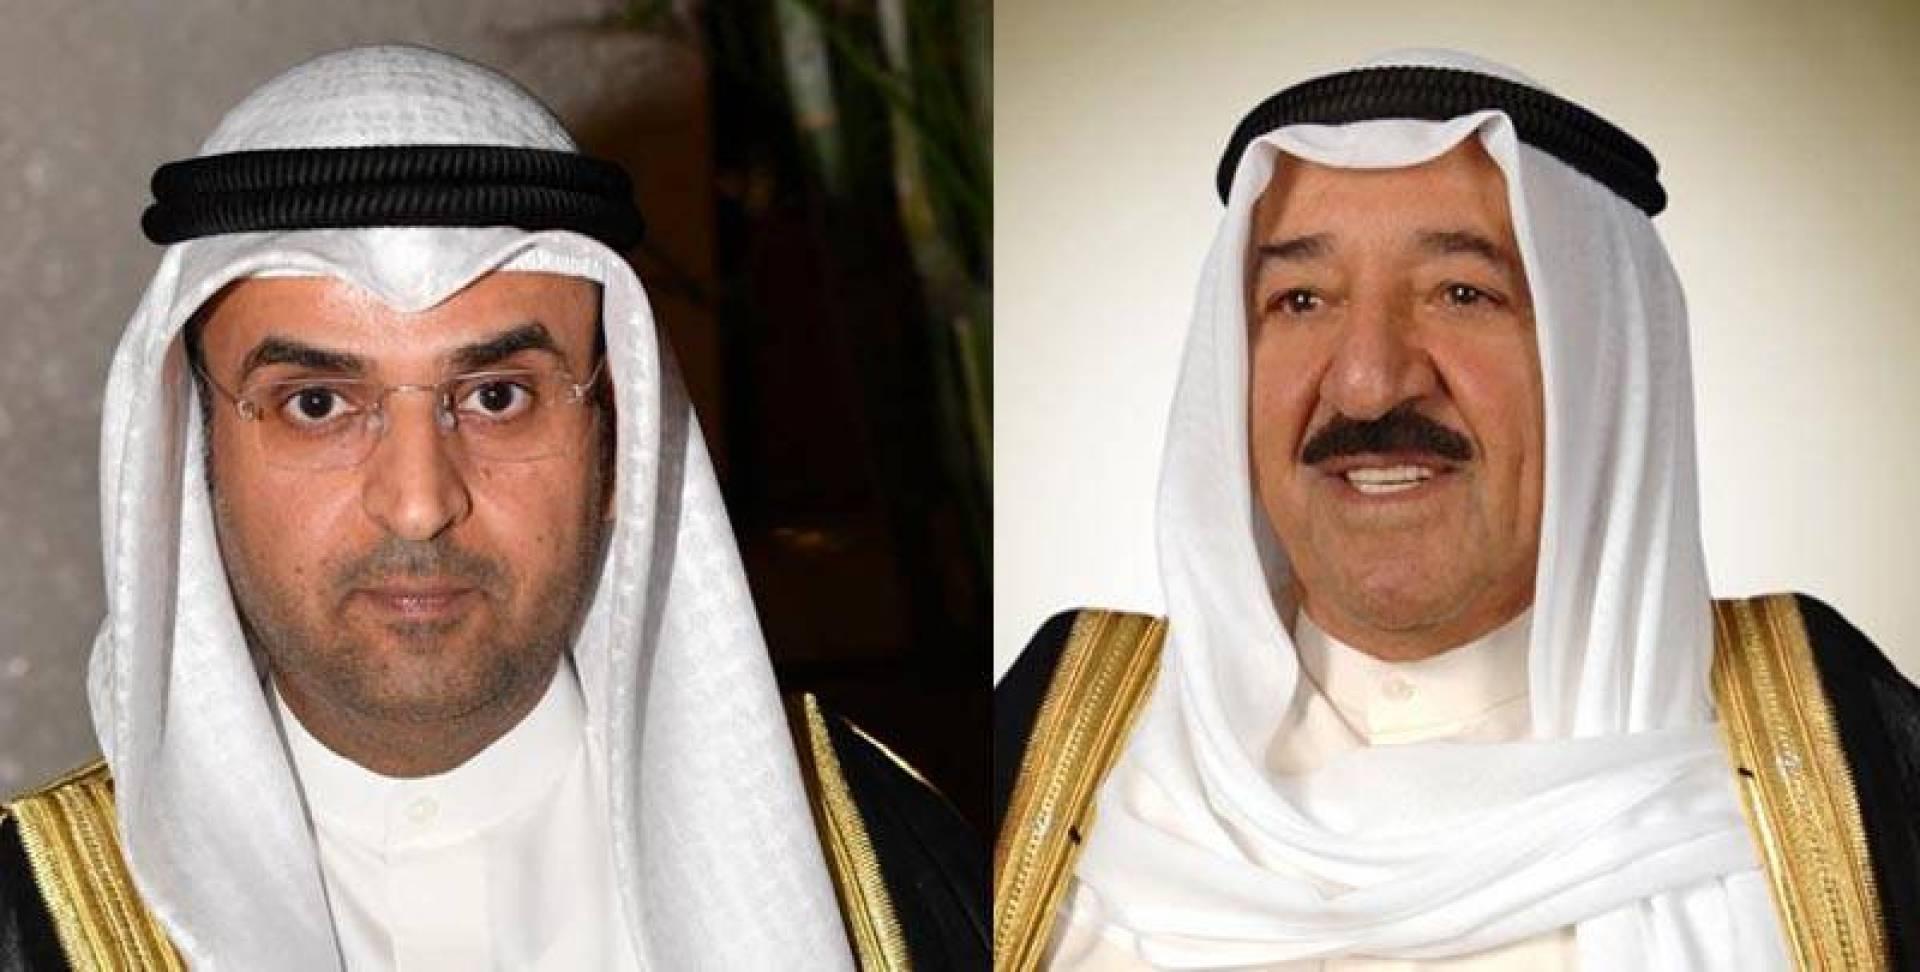 سمو الأمير يهنئ الحجرف بتعيينه أميناً عاماً لمجلس التعاون